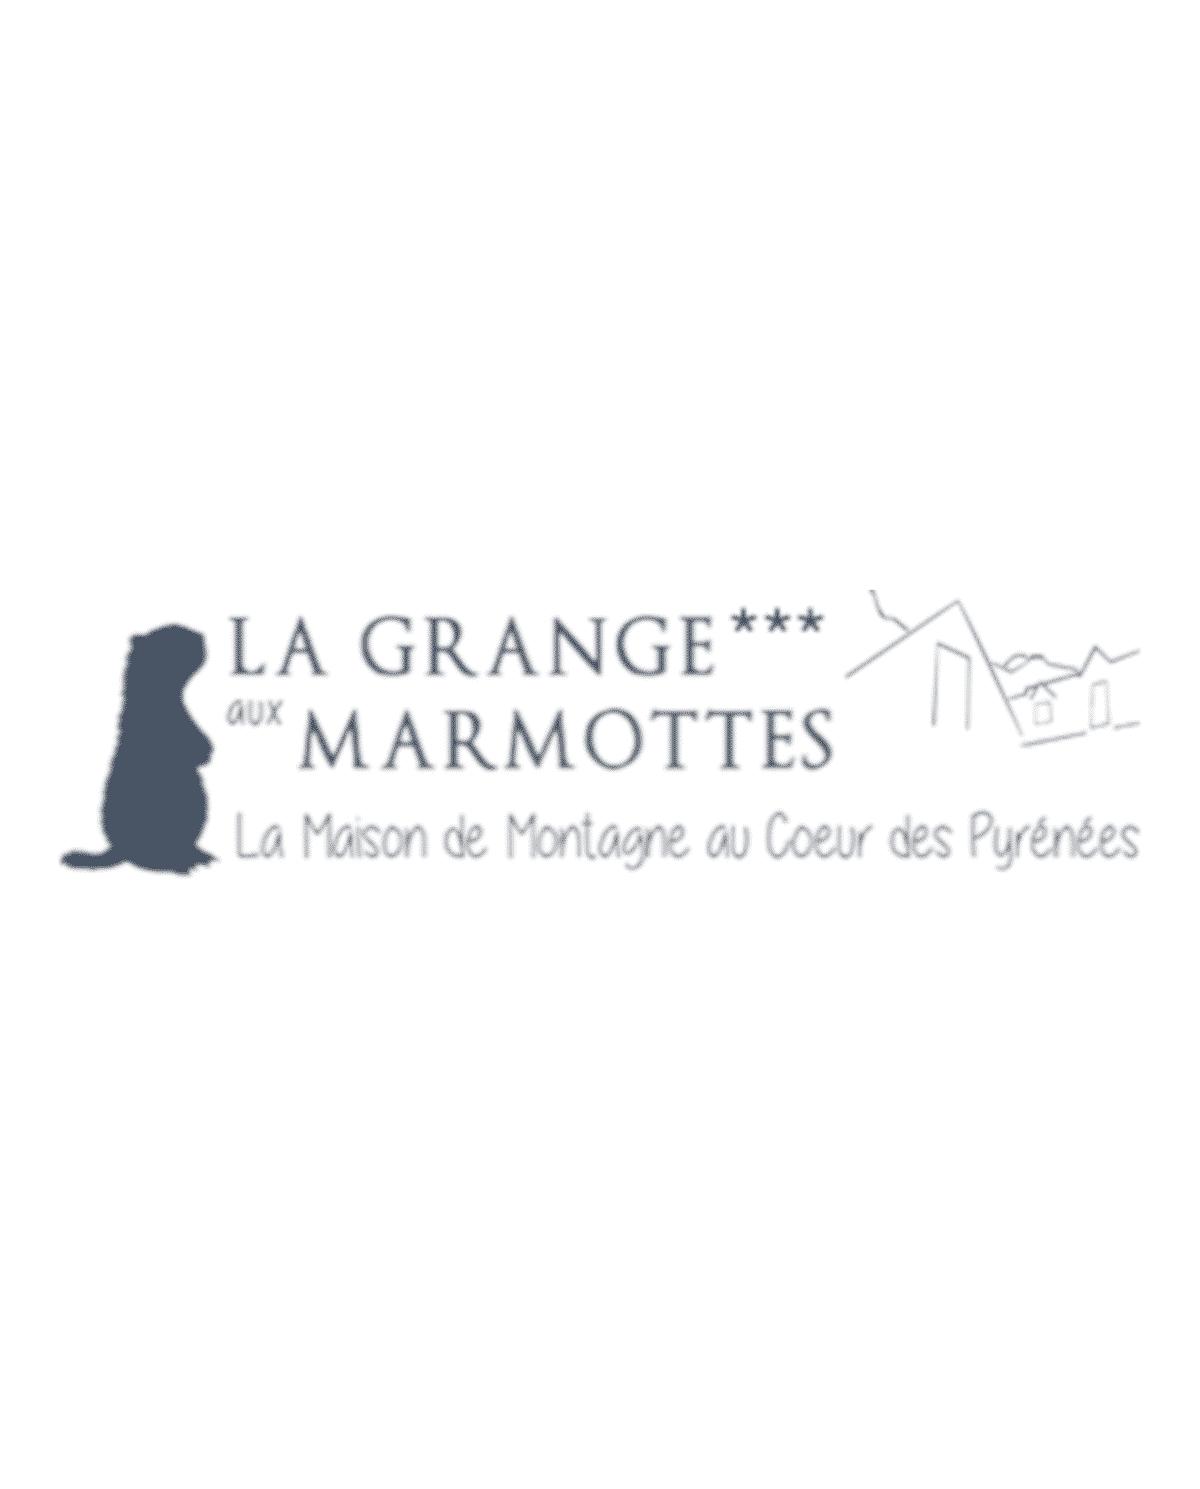 La Grange aux Marmottes 4**** dans les Pyrénées